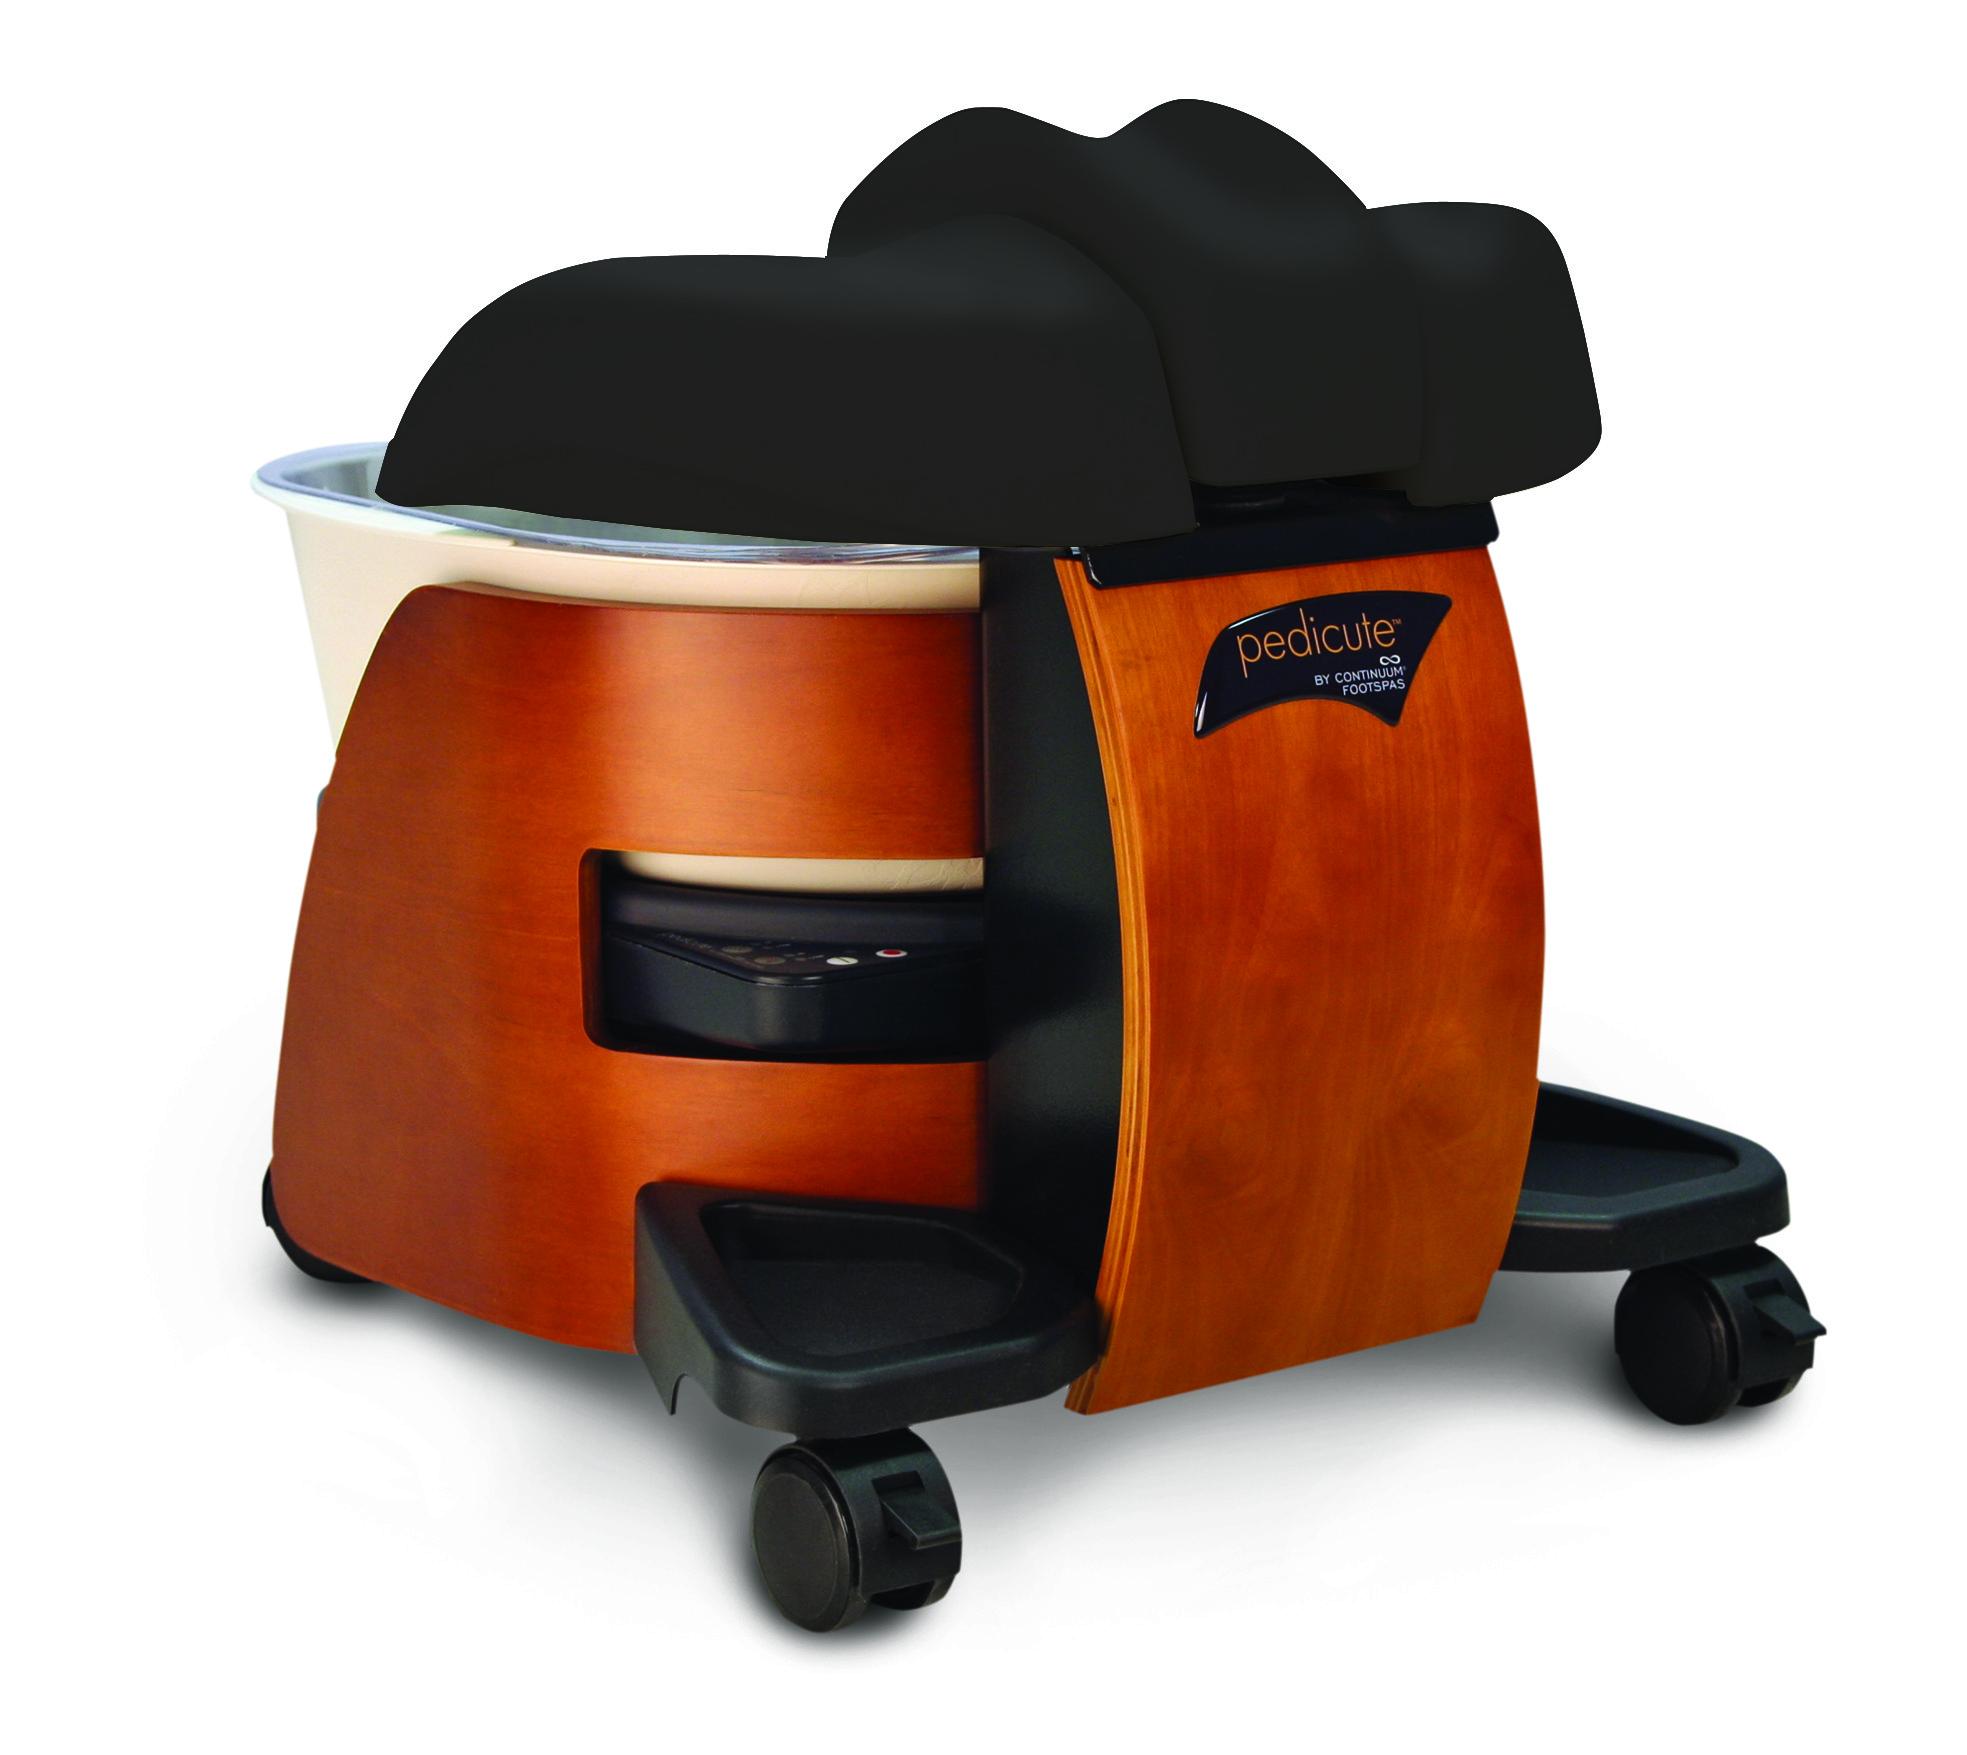 Portable Pedicure Spa Pedicute